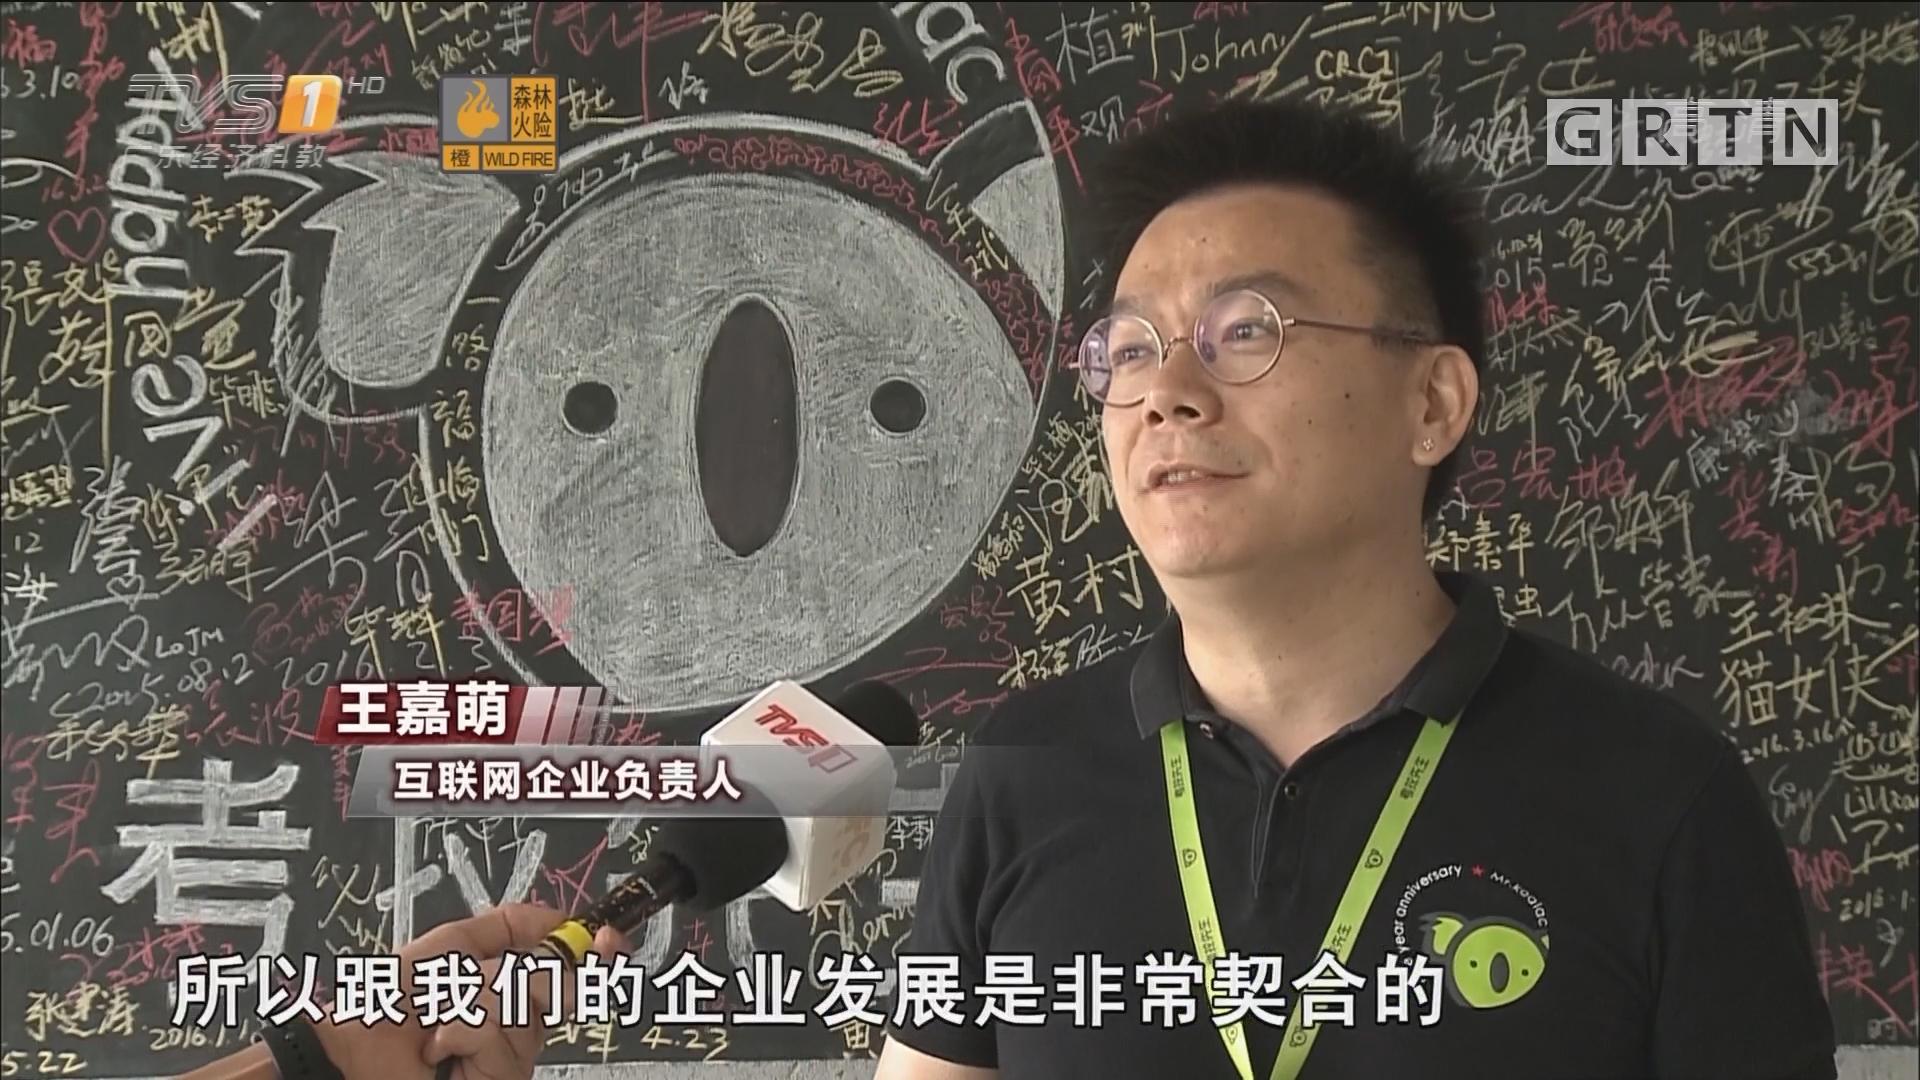 推进互联网与实体经济融合 广东青年科创企业家备受鼓舞